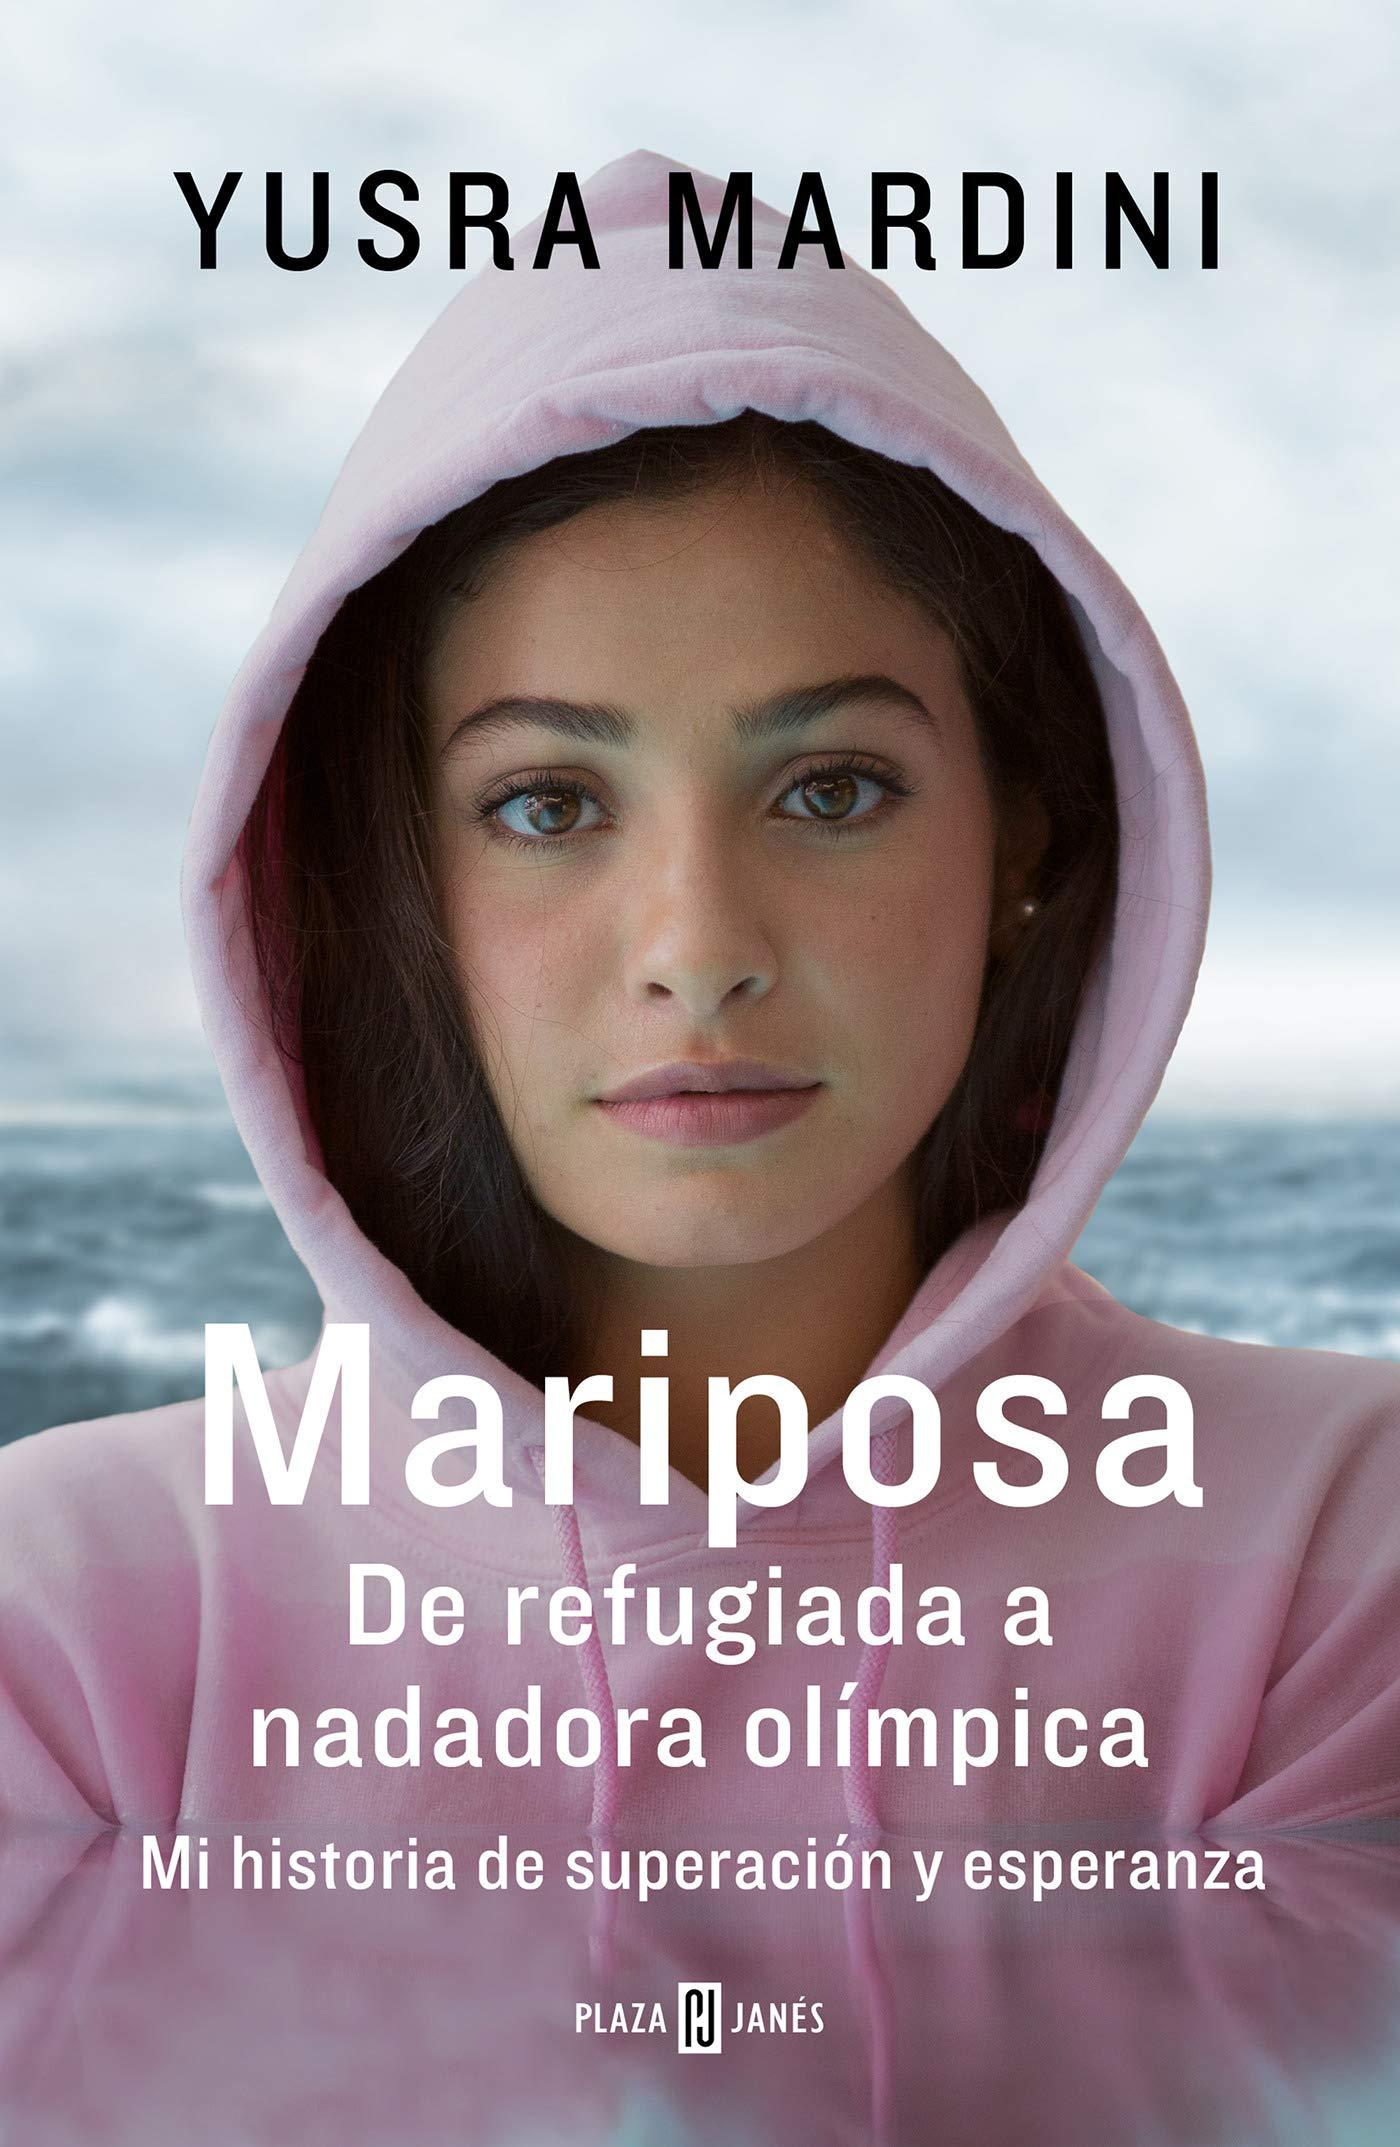 Mariposa: De refugiada a nadadora olímpica. Mi historia de superación y esperanza